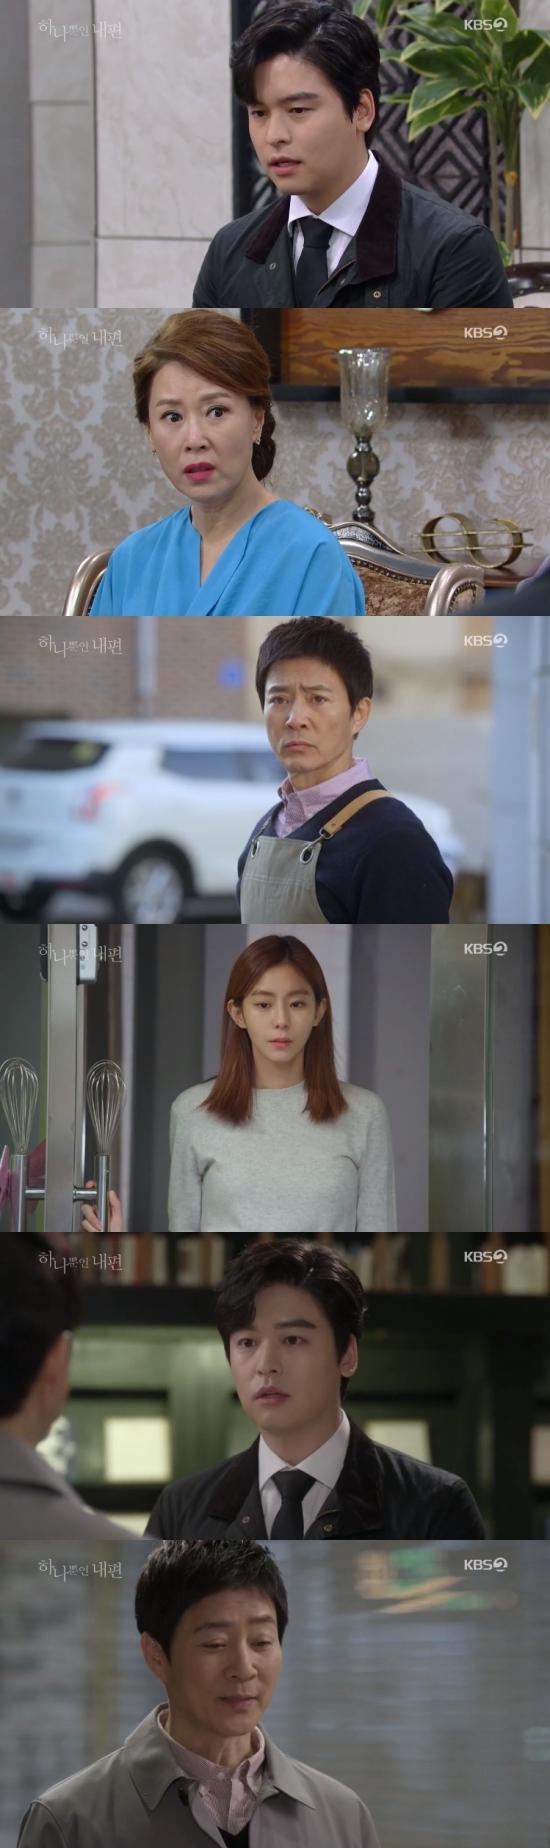 종영 앞둔 '하나뿐인 내편'…이장우vs송원석, 유이 선택은? [전일야화]